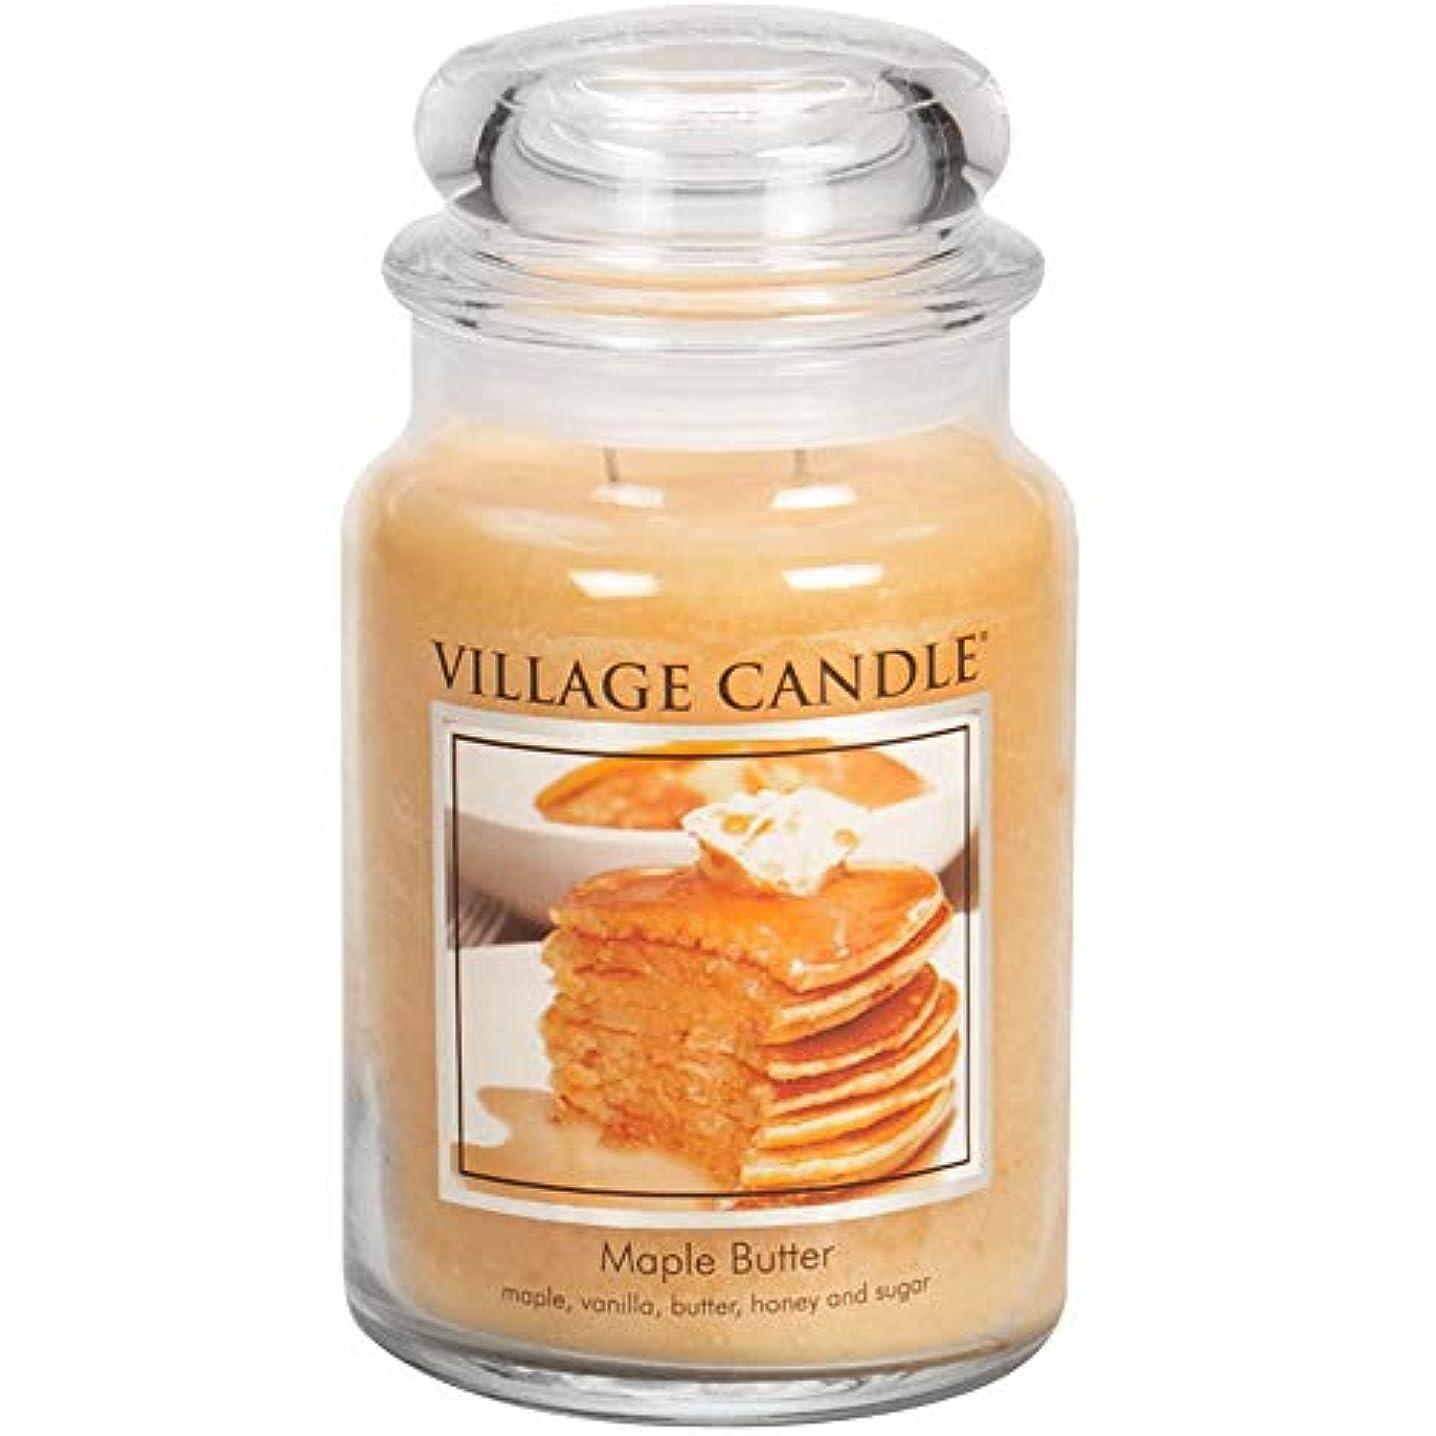 つぶやきかもしれない報告書Village Candle Large Fragranced Candle Jar - 17cm x 10cm - 26oz (1219g)- Maple Butter - upto 170 hours burn time...